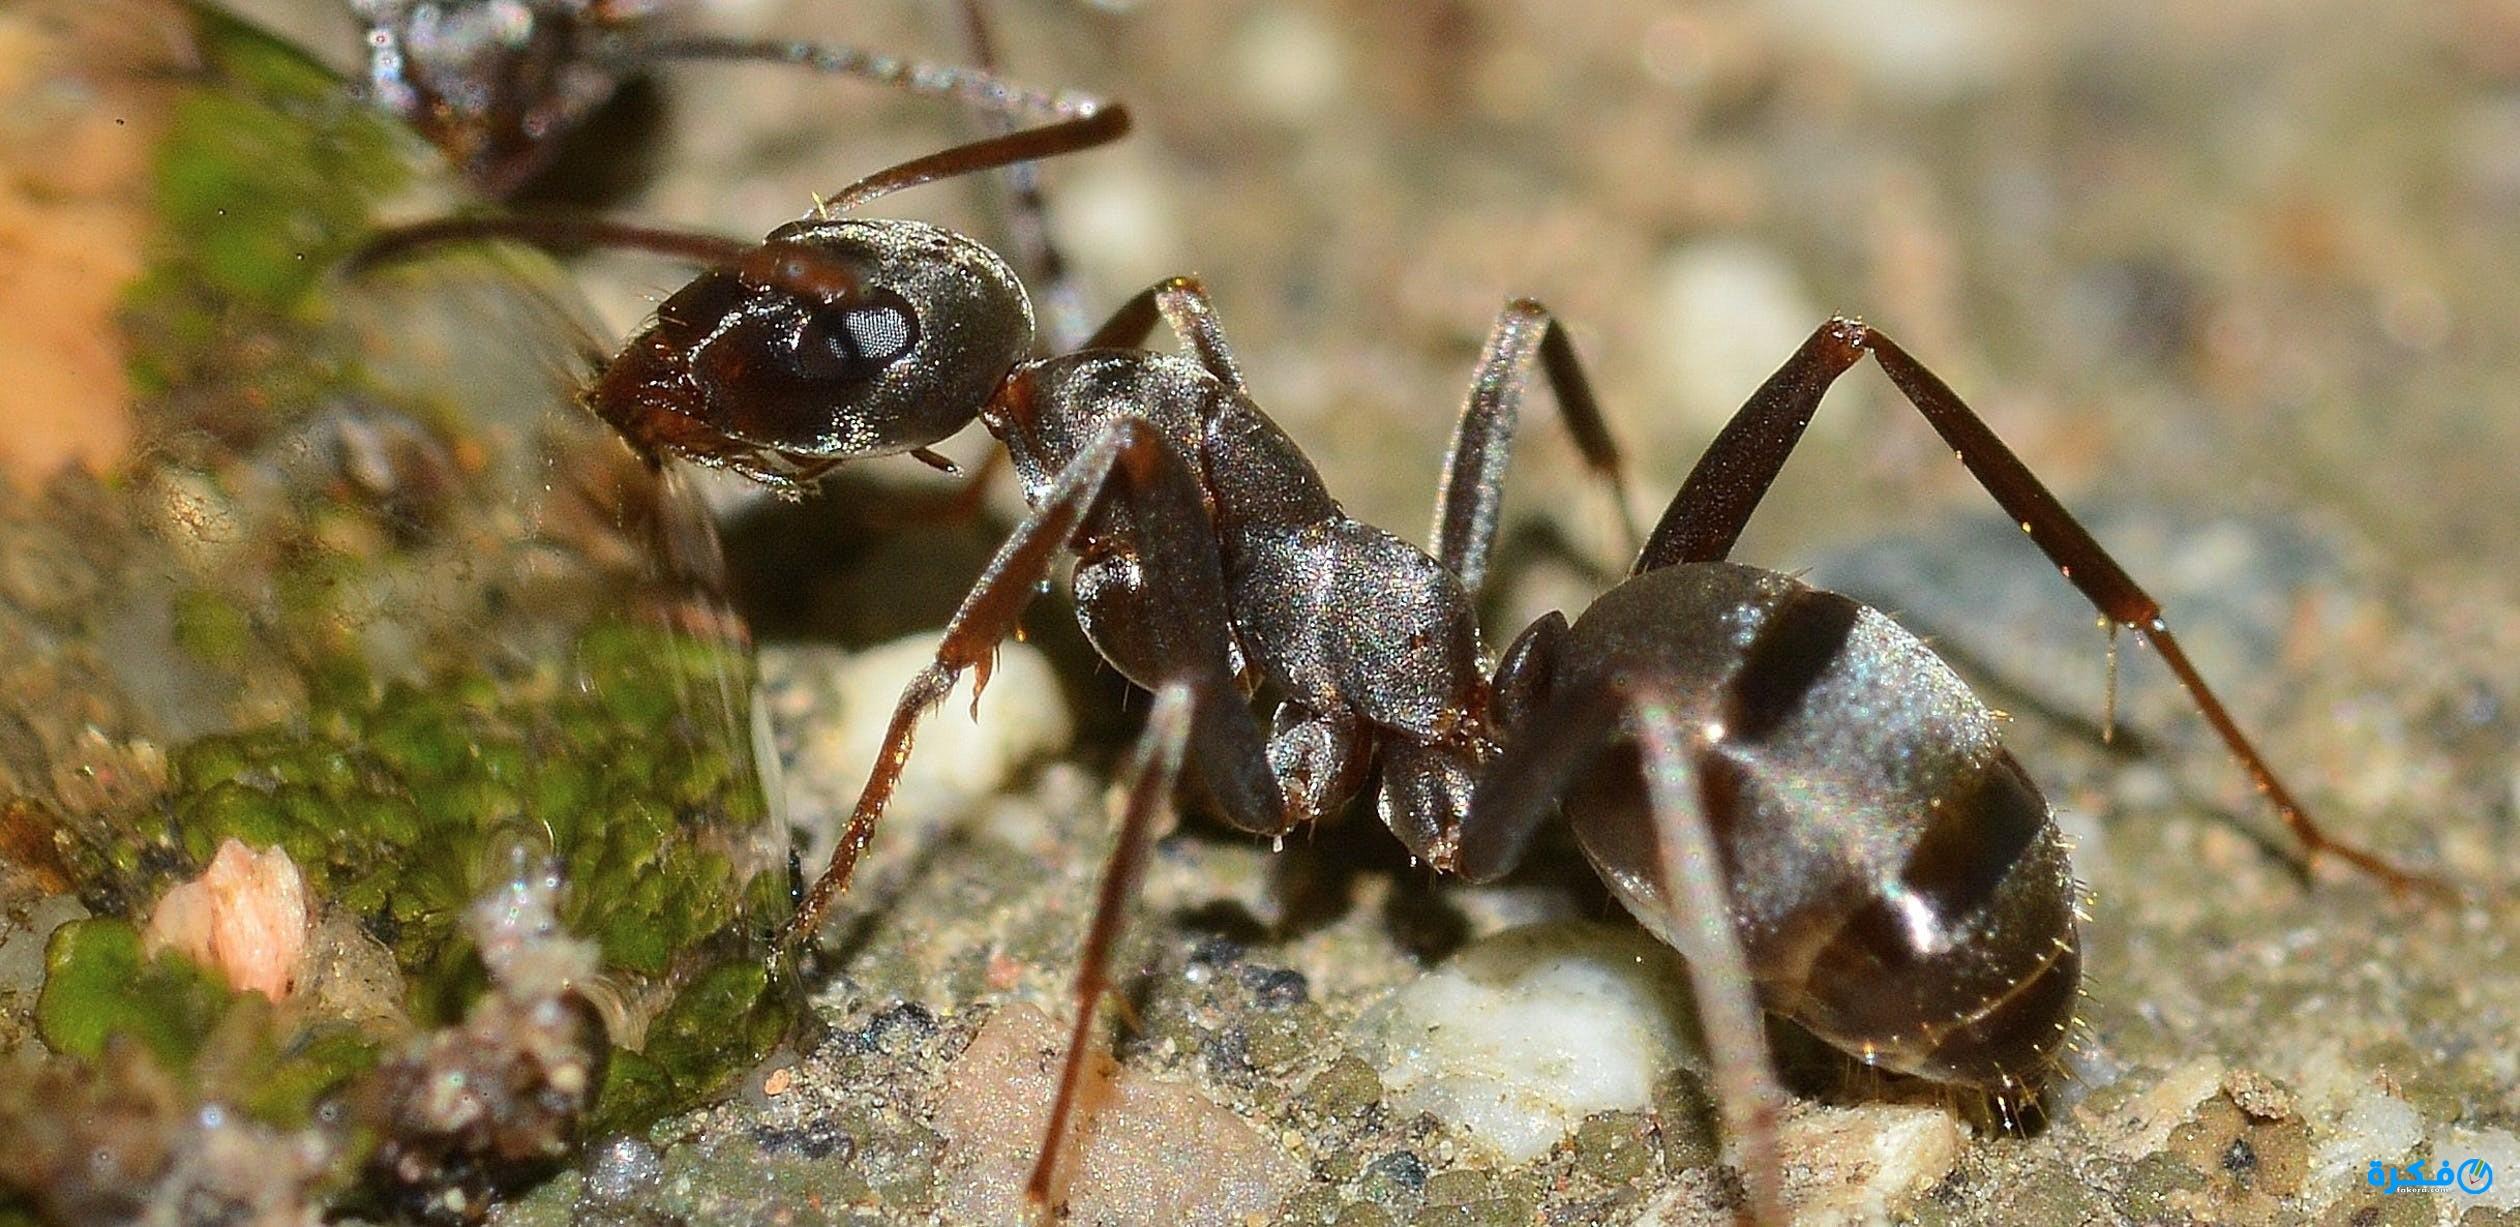 بالصور تفسير حلم النمل للحامل , معرفة وتفسير حلم النمل للحامل